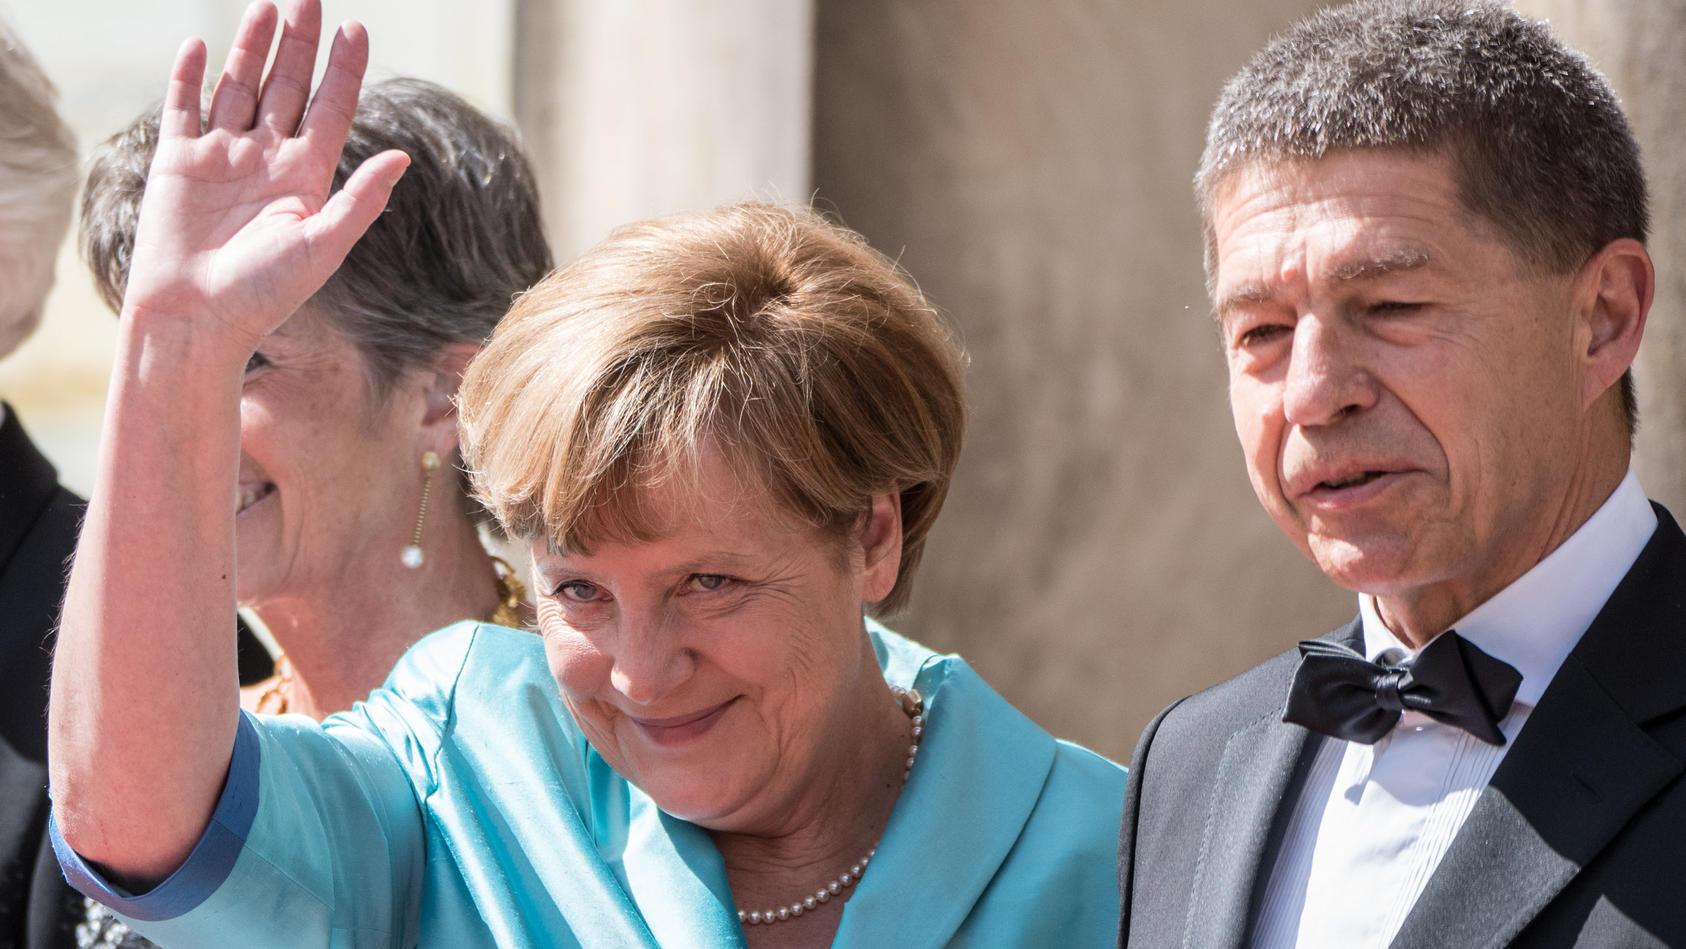 Statt eine Rede bei Feierlichkeiten zum Mauerfall zu halten, begleitet sie ihren Mann Joachim Sauer zu einer Ehrung.